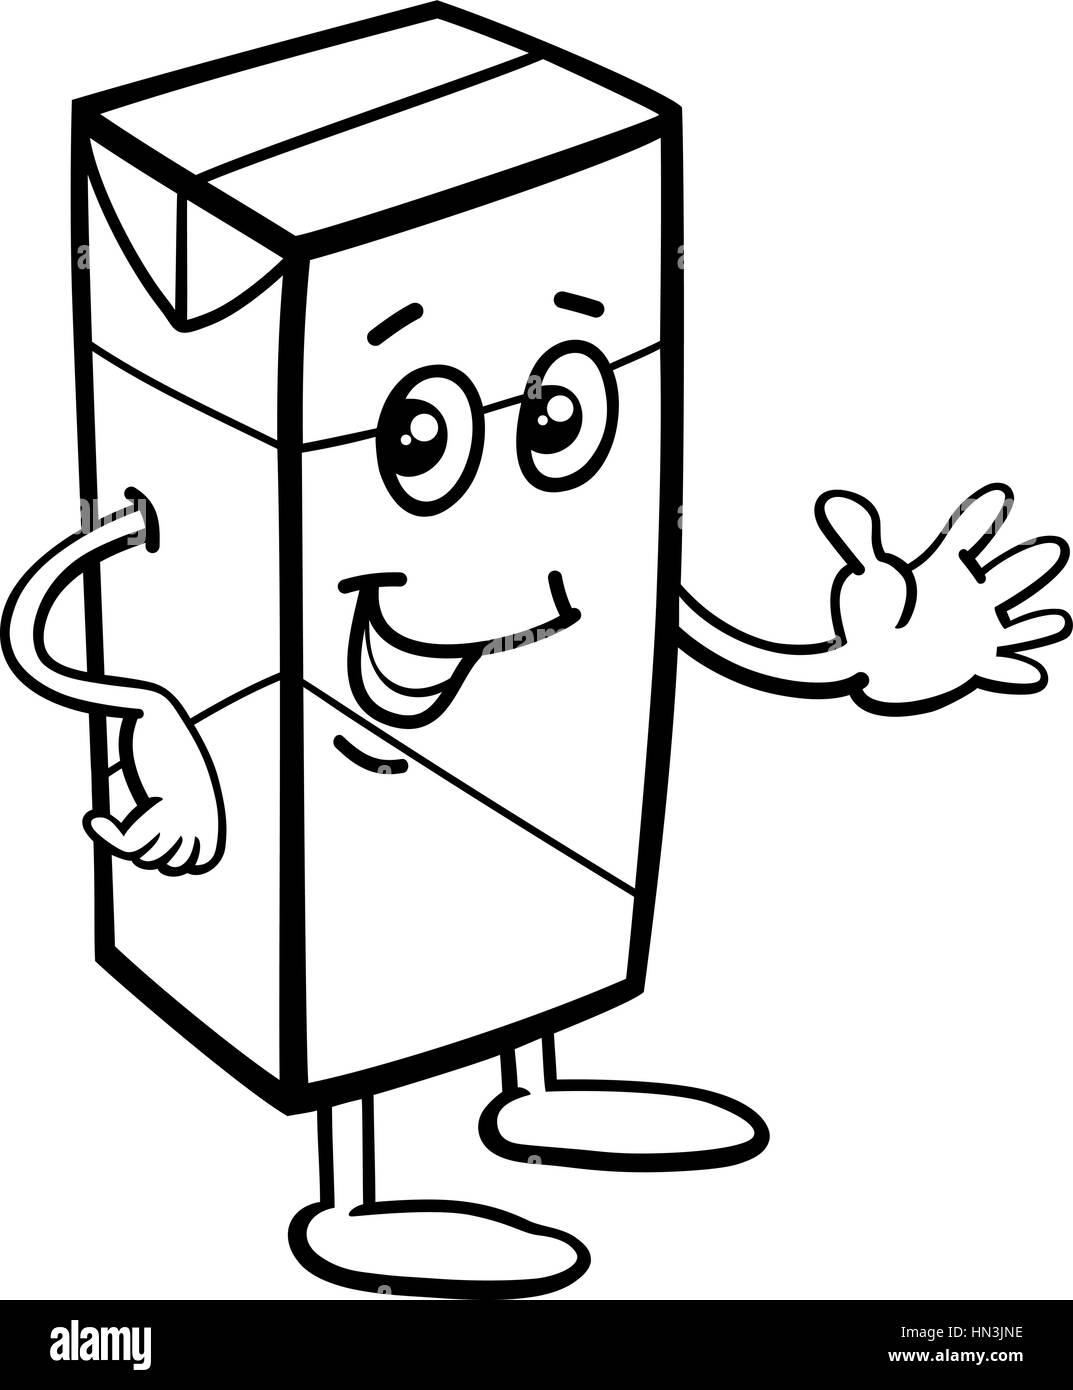 Schwarz / Weiß Cartoon Illustration der Karton Milch oder Saft Essen ...